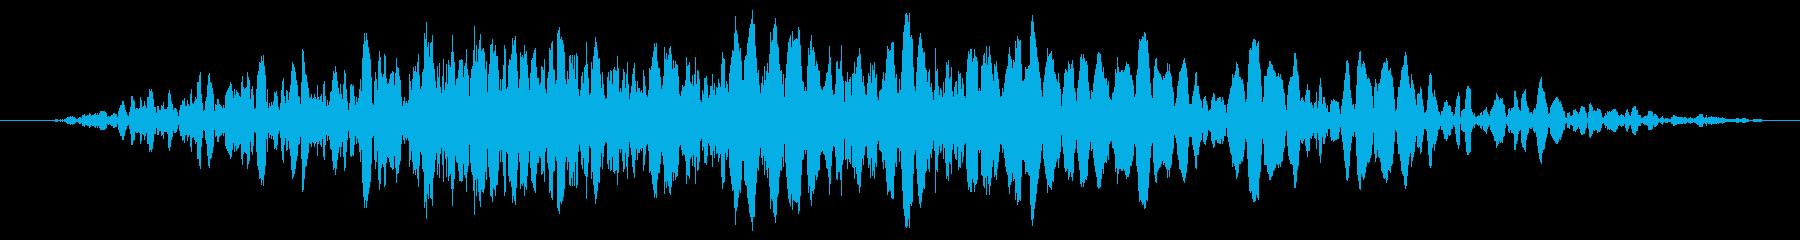 パルスヒス変換の再生済みの波形